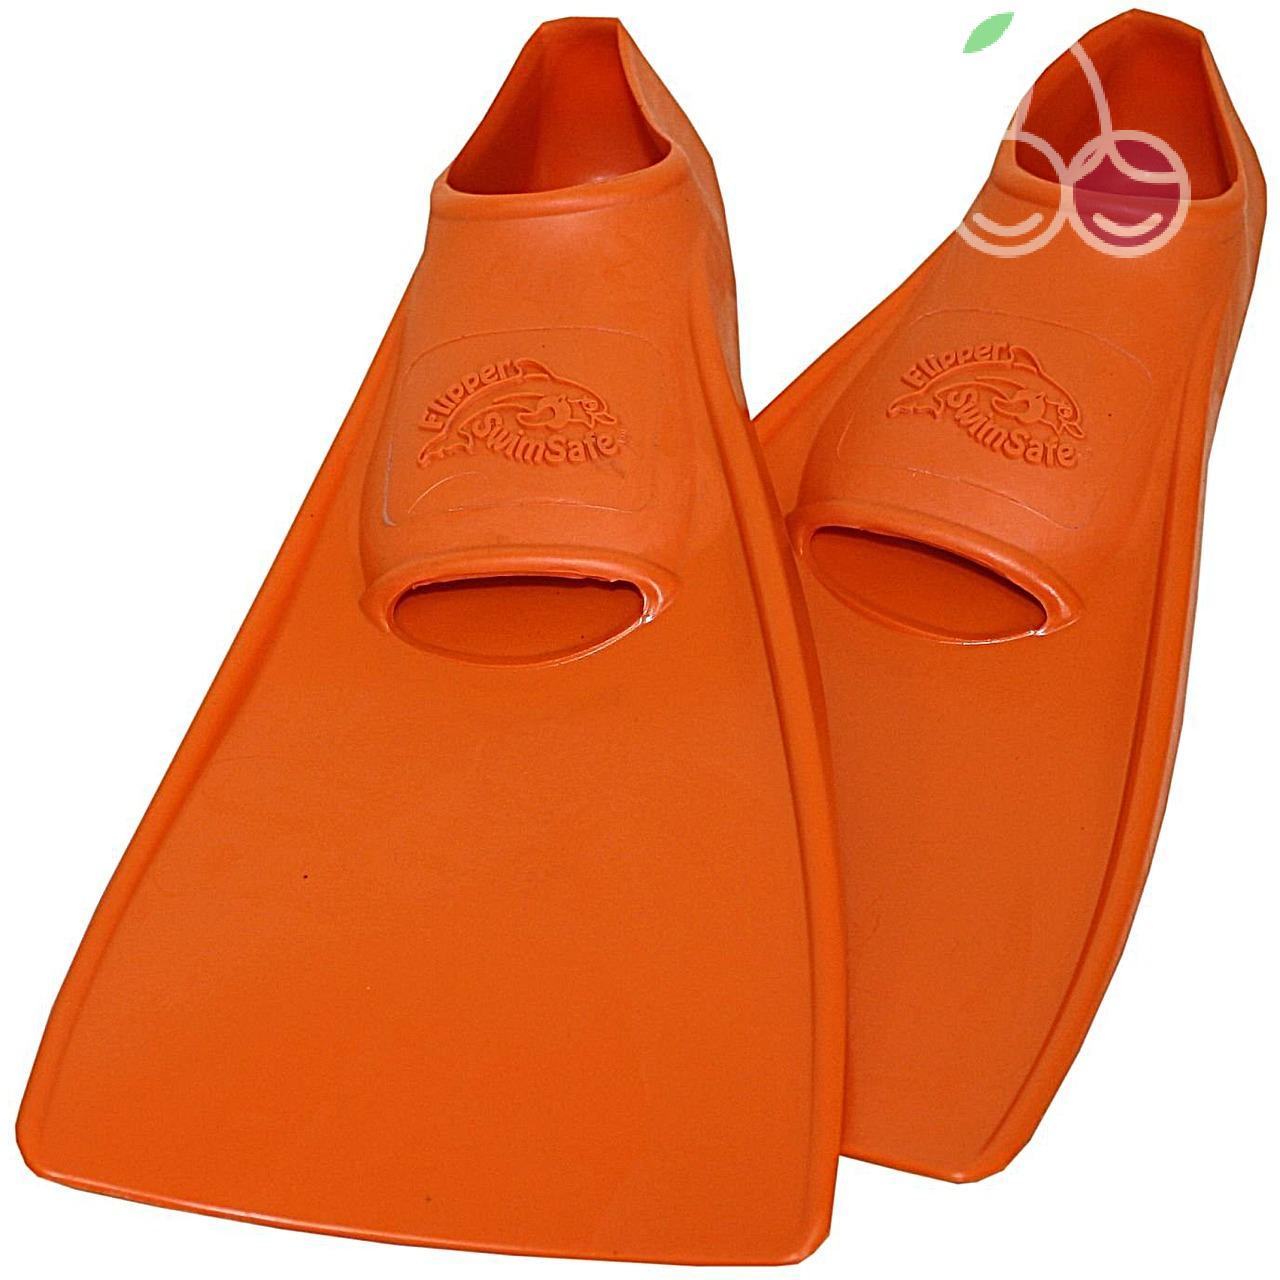 Ласты детские эластичные маленький размер 24 оранжевые закрытая пятка ProperCarry (ПРОПЕРКЭРРИ), - фото 1